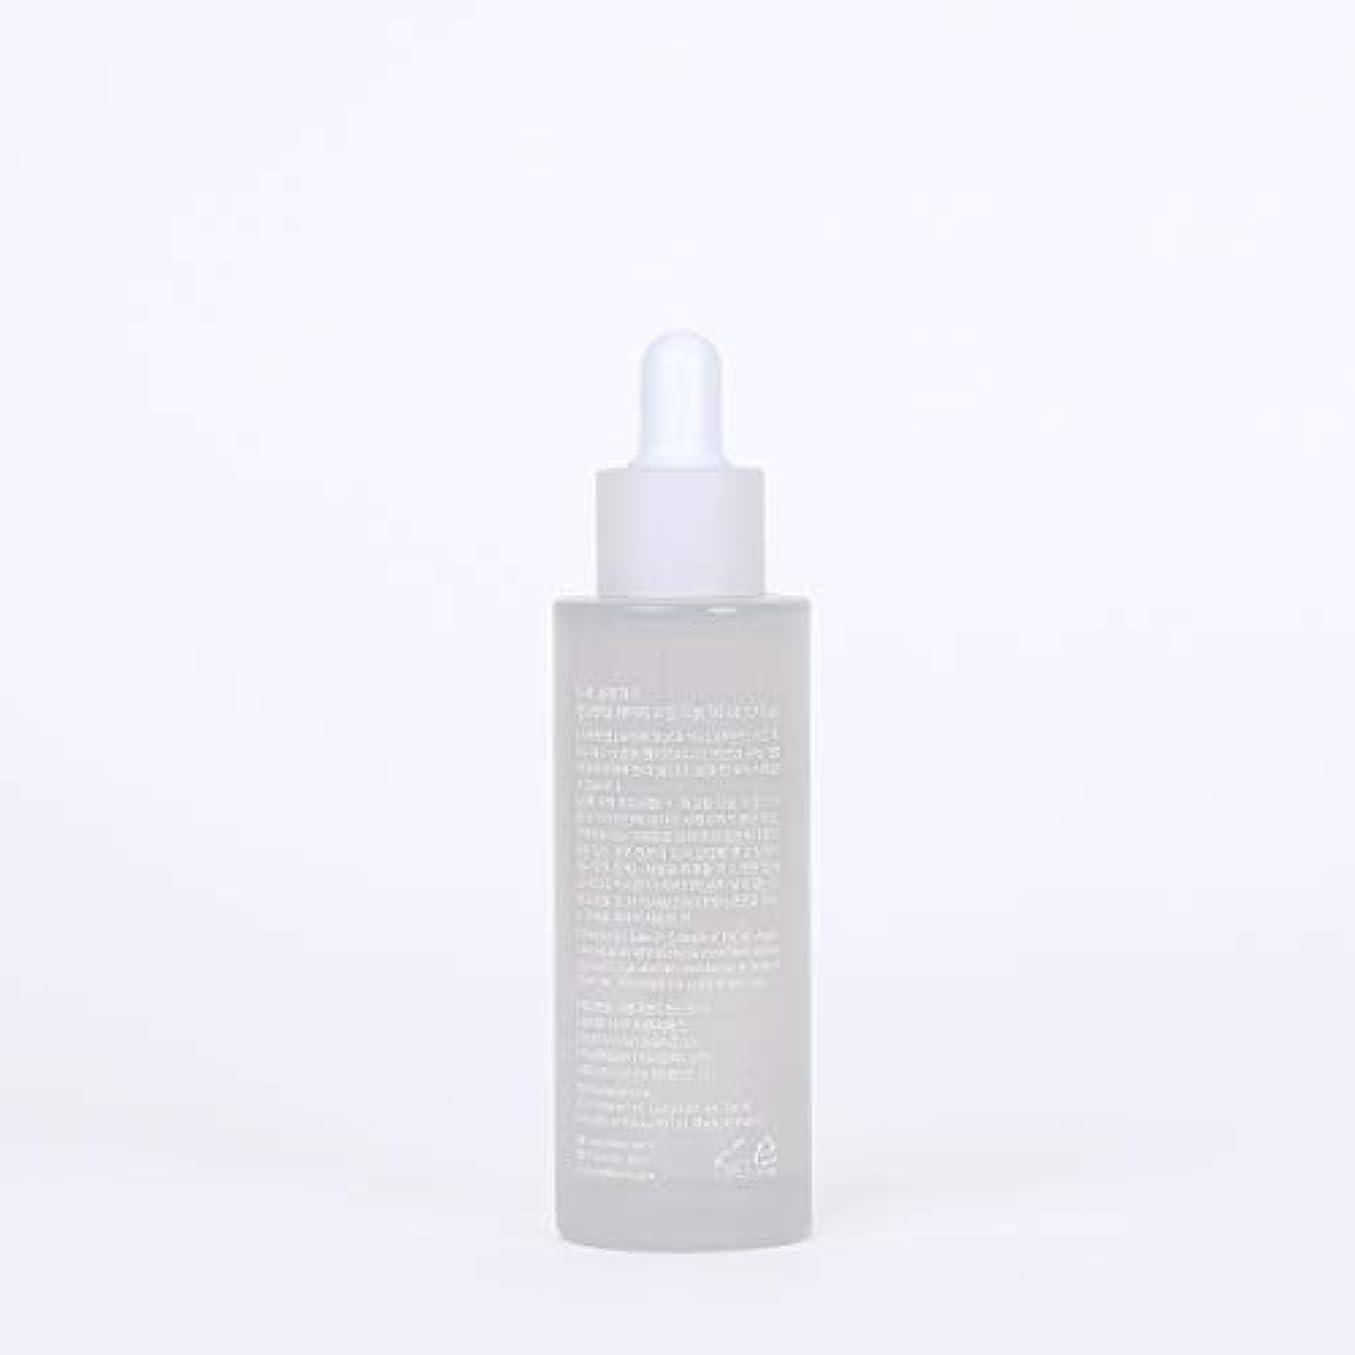 【クレアス(Klairs)】ファンダメンタルウォーターリーオイルドロップ, Fundamental Watery Oil Drop, 50ml, [並行輸入品]